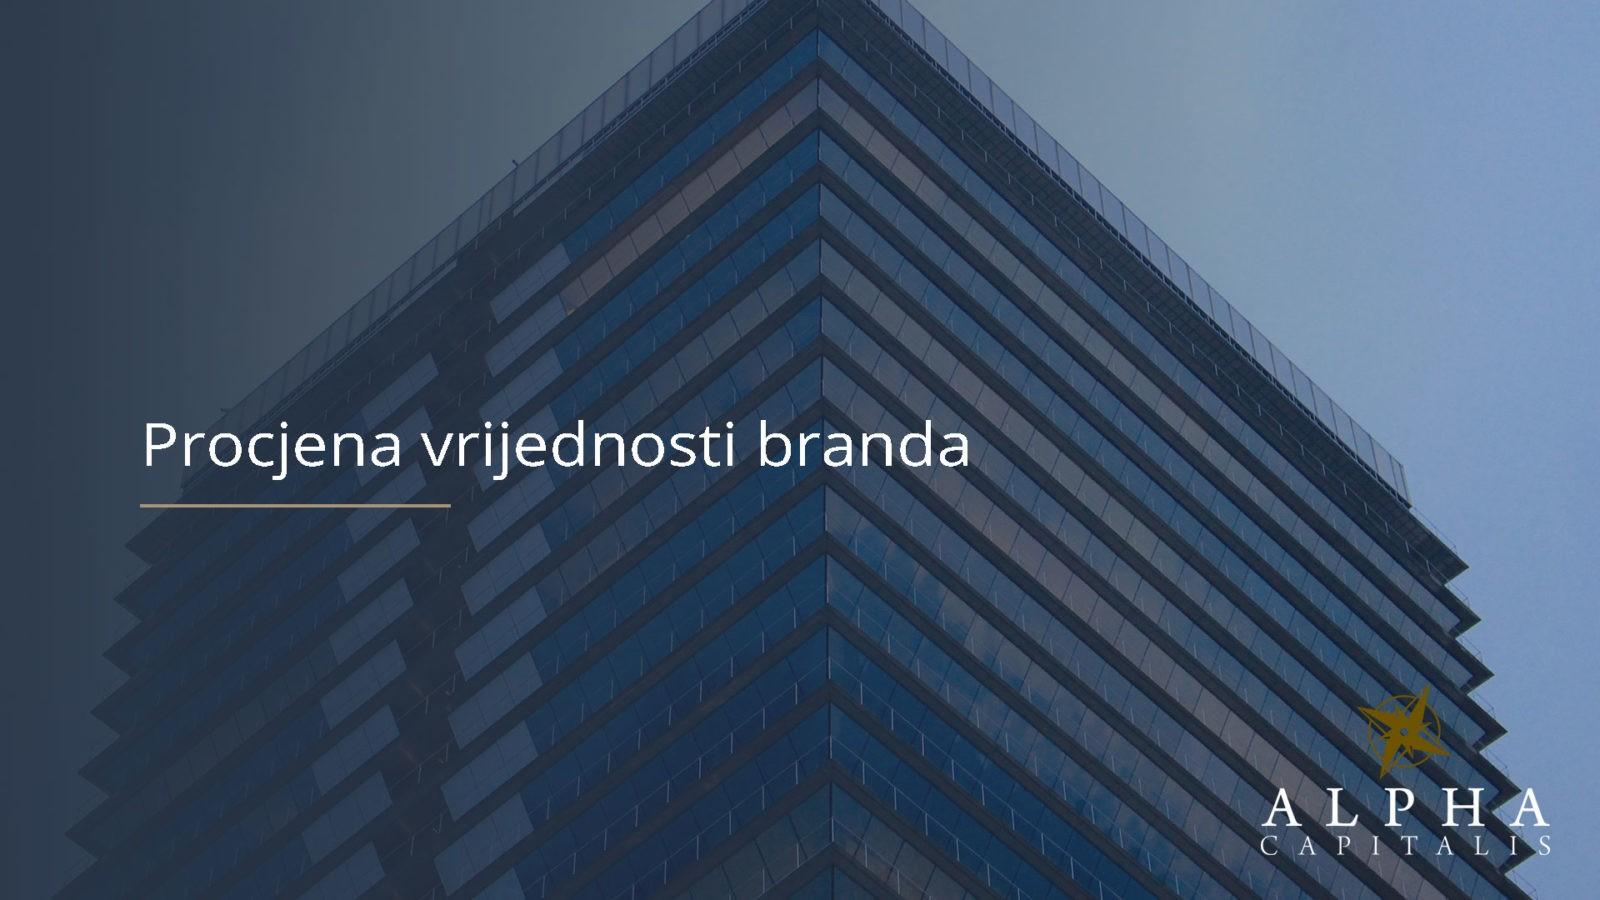 Procjena vrijednosti branda - Procjena vrijednosti branda